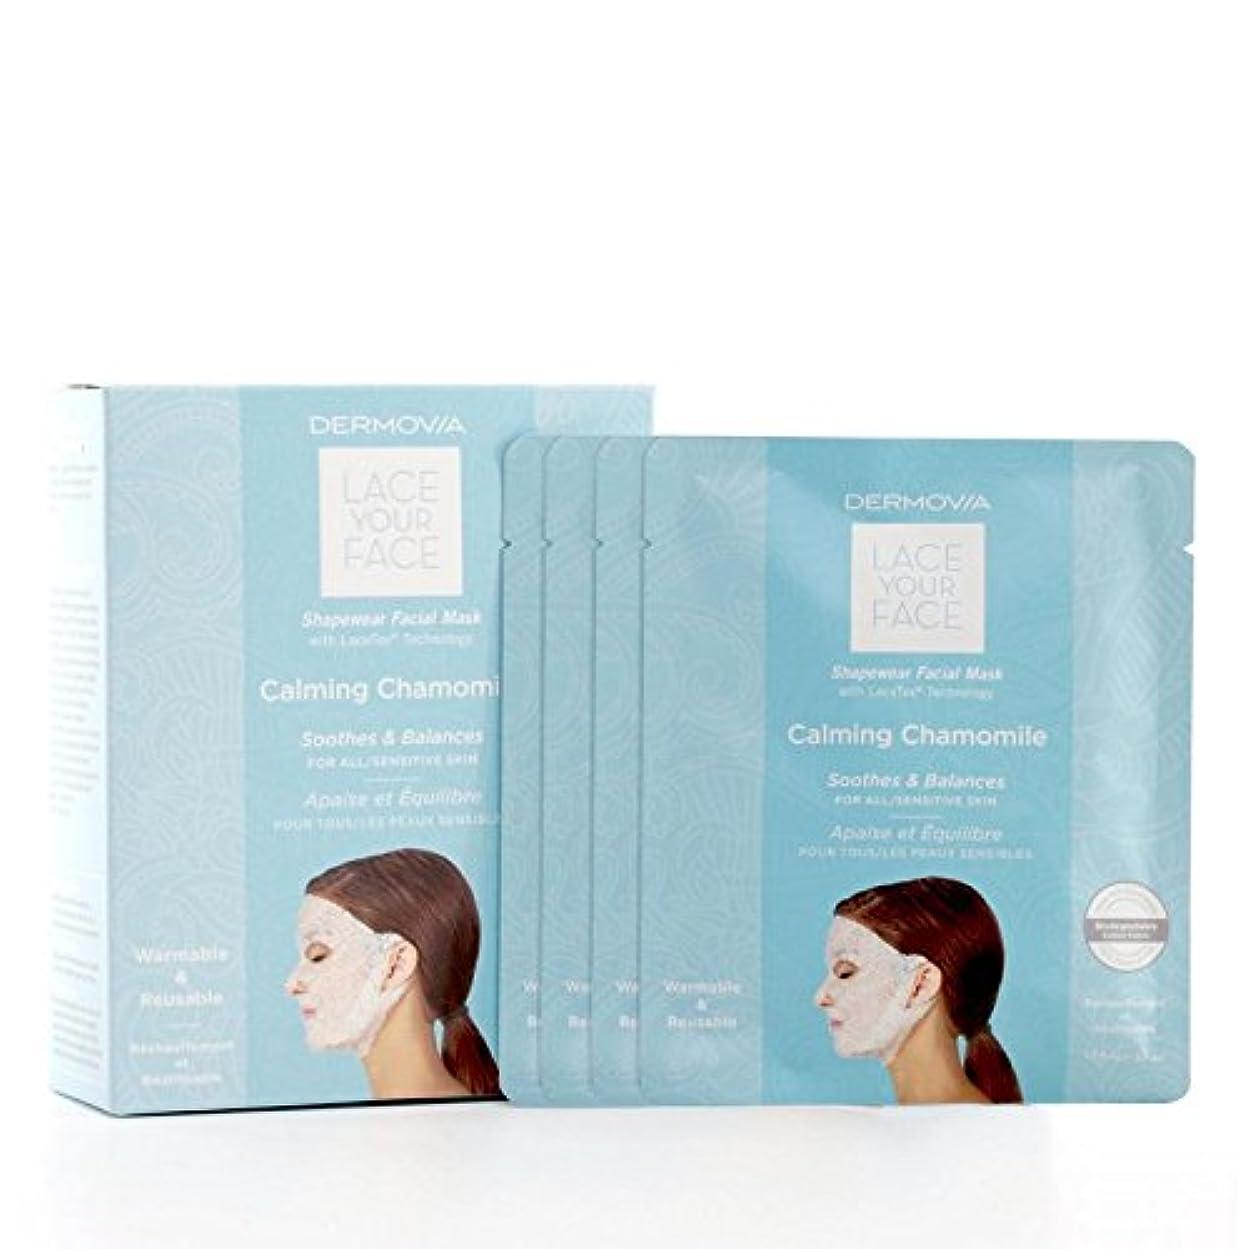 家主強度改善するは、あなたの顔の圧縮フェイシャルマスク心を落ち着かせるカモミールをひもで締めます x2 - Dermovia Lace Your Face Compression Facial Mask Calming Chamomile...